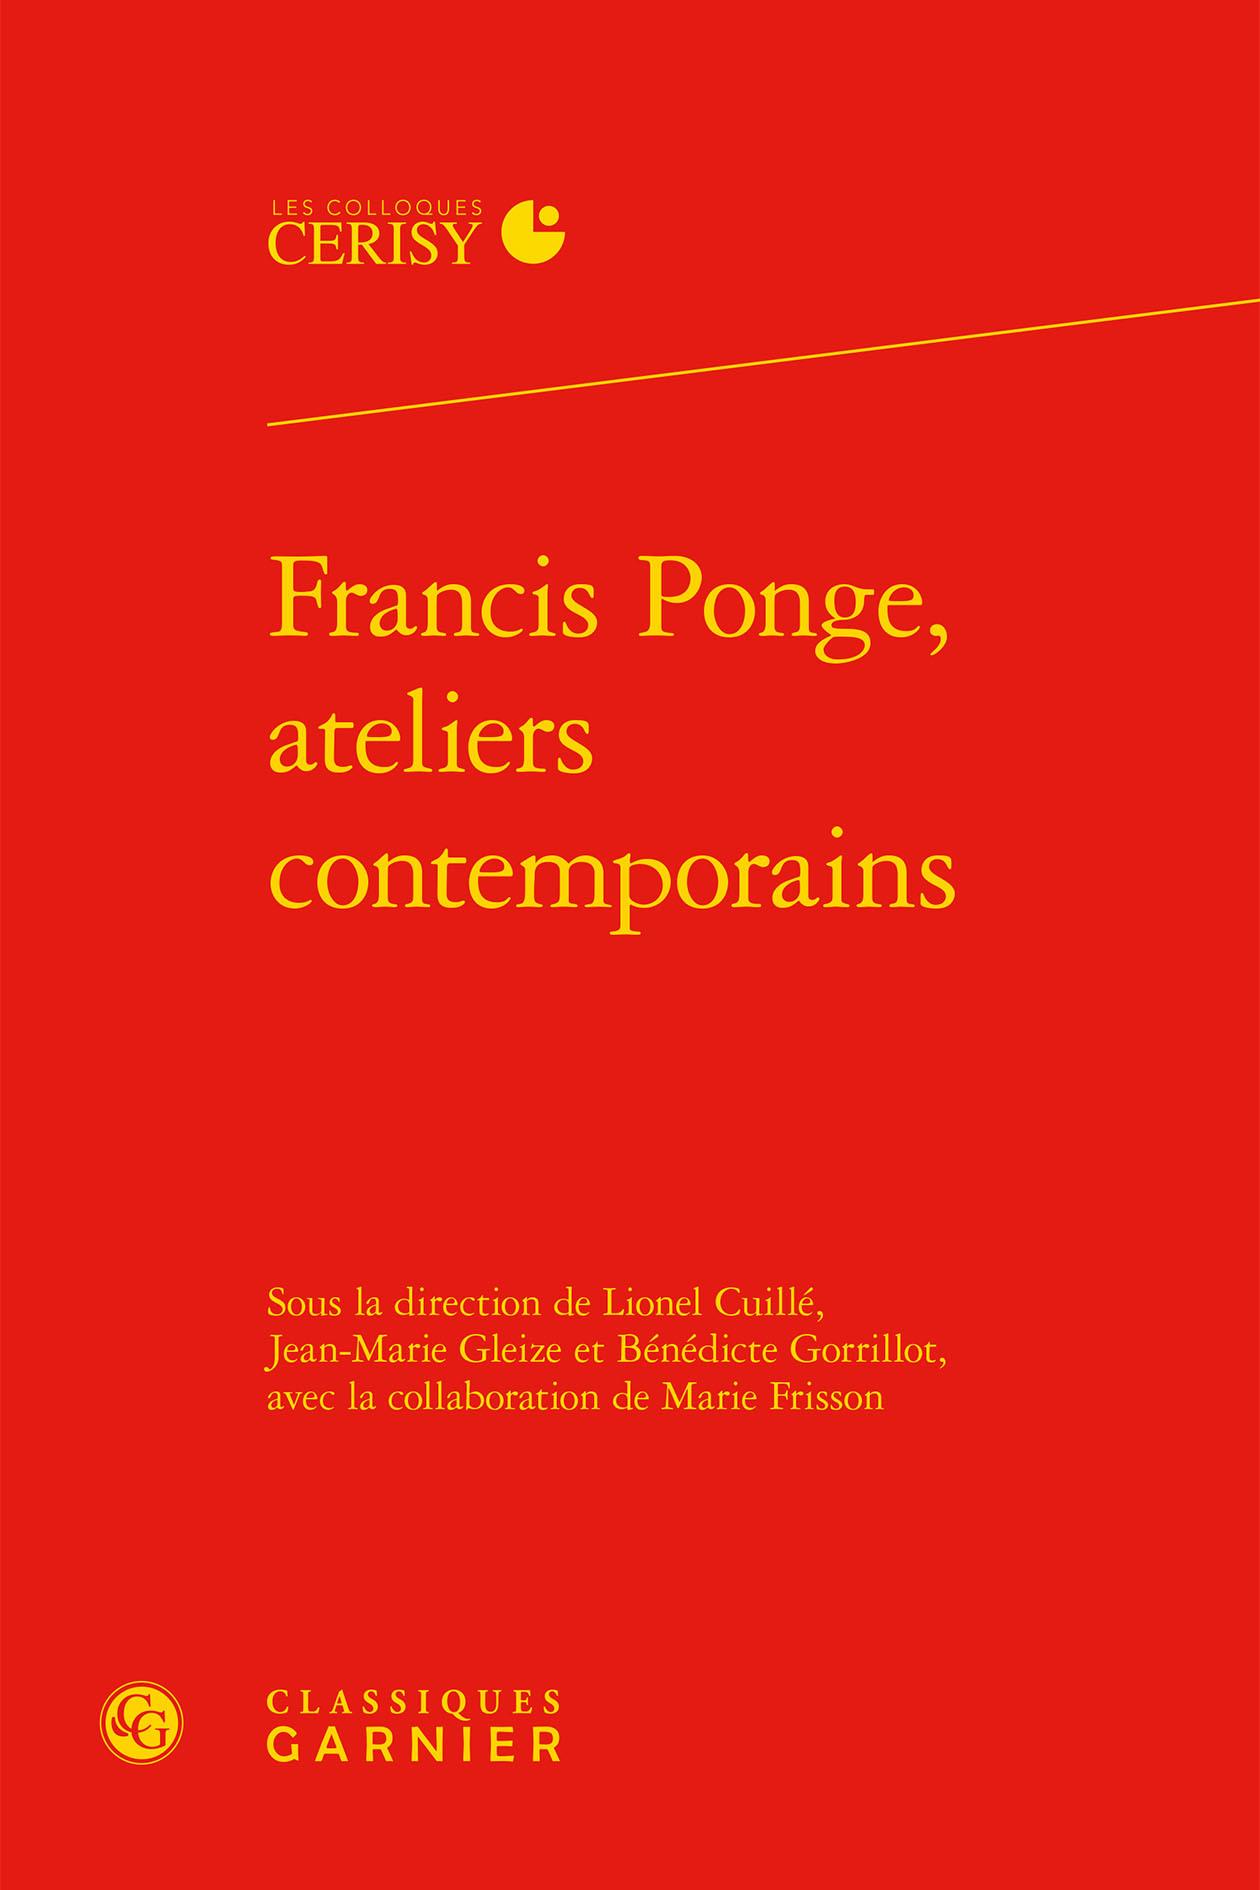 FRANCIS PONGE, ATELIERS CONTEMPORAINS